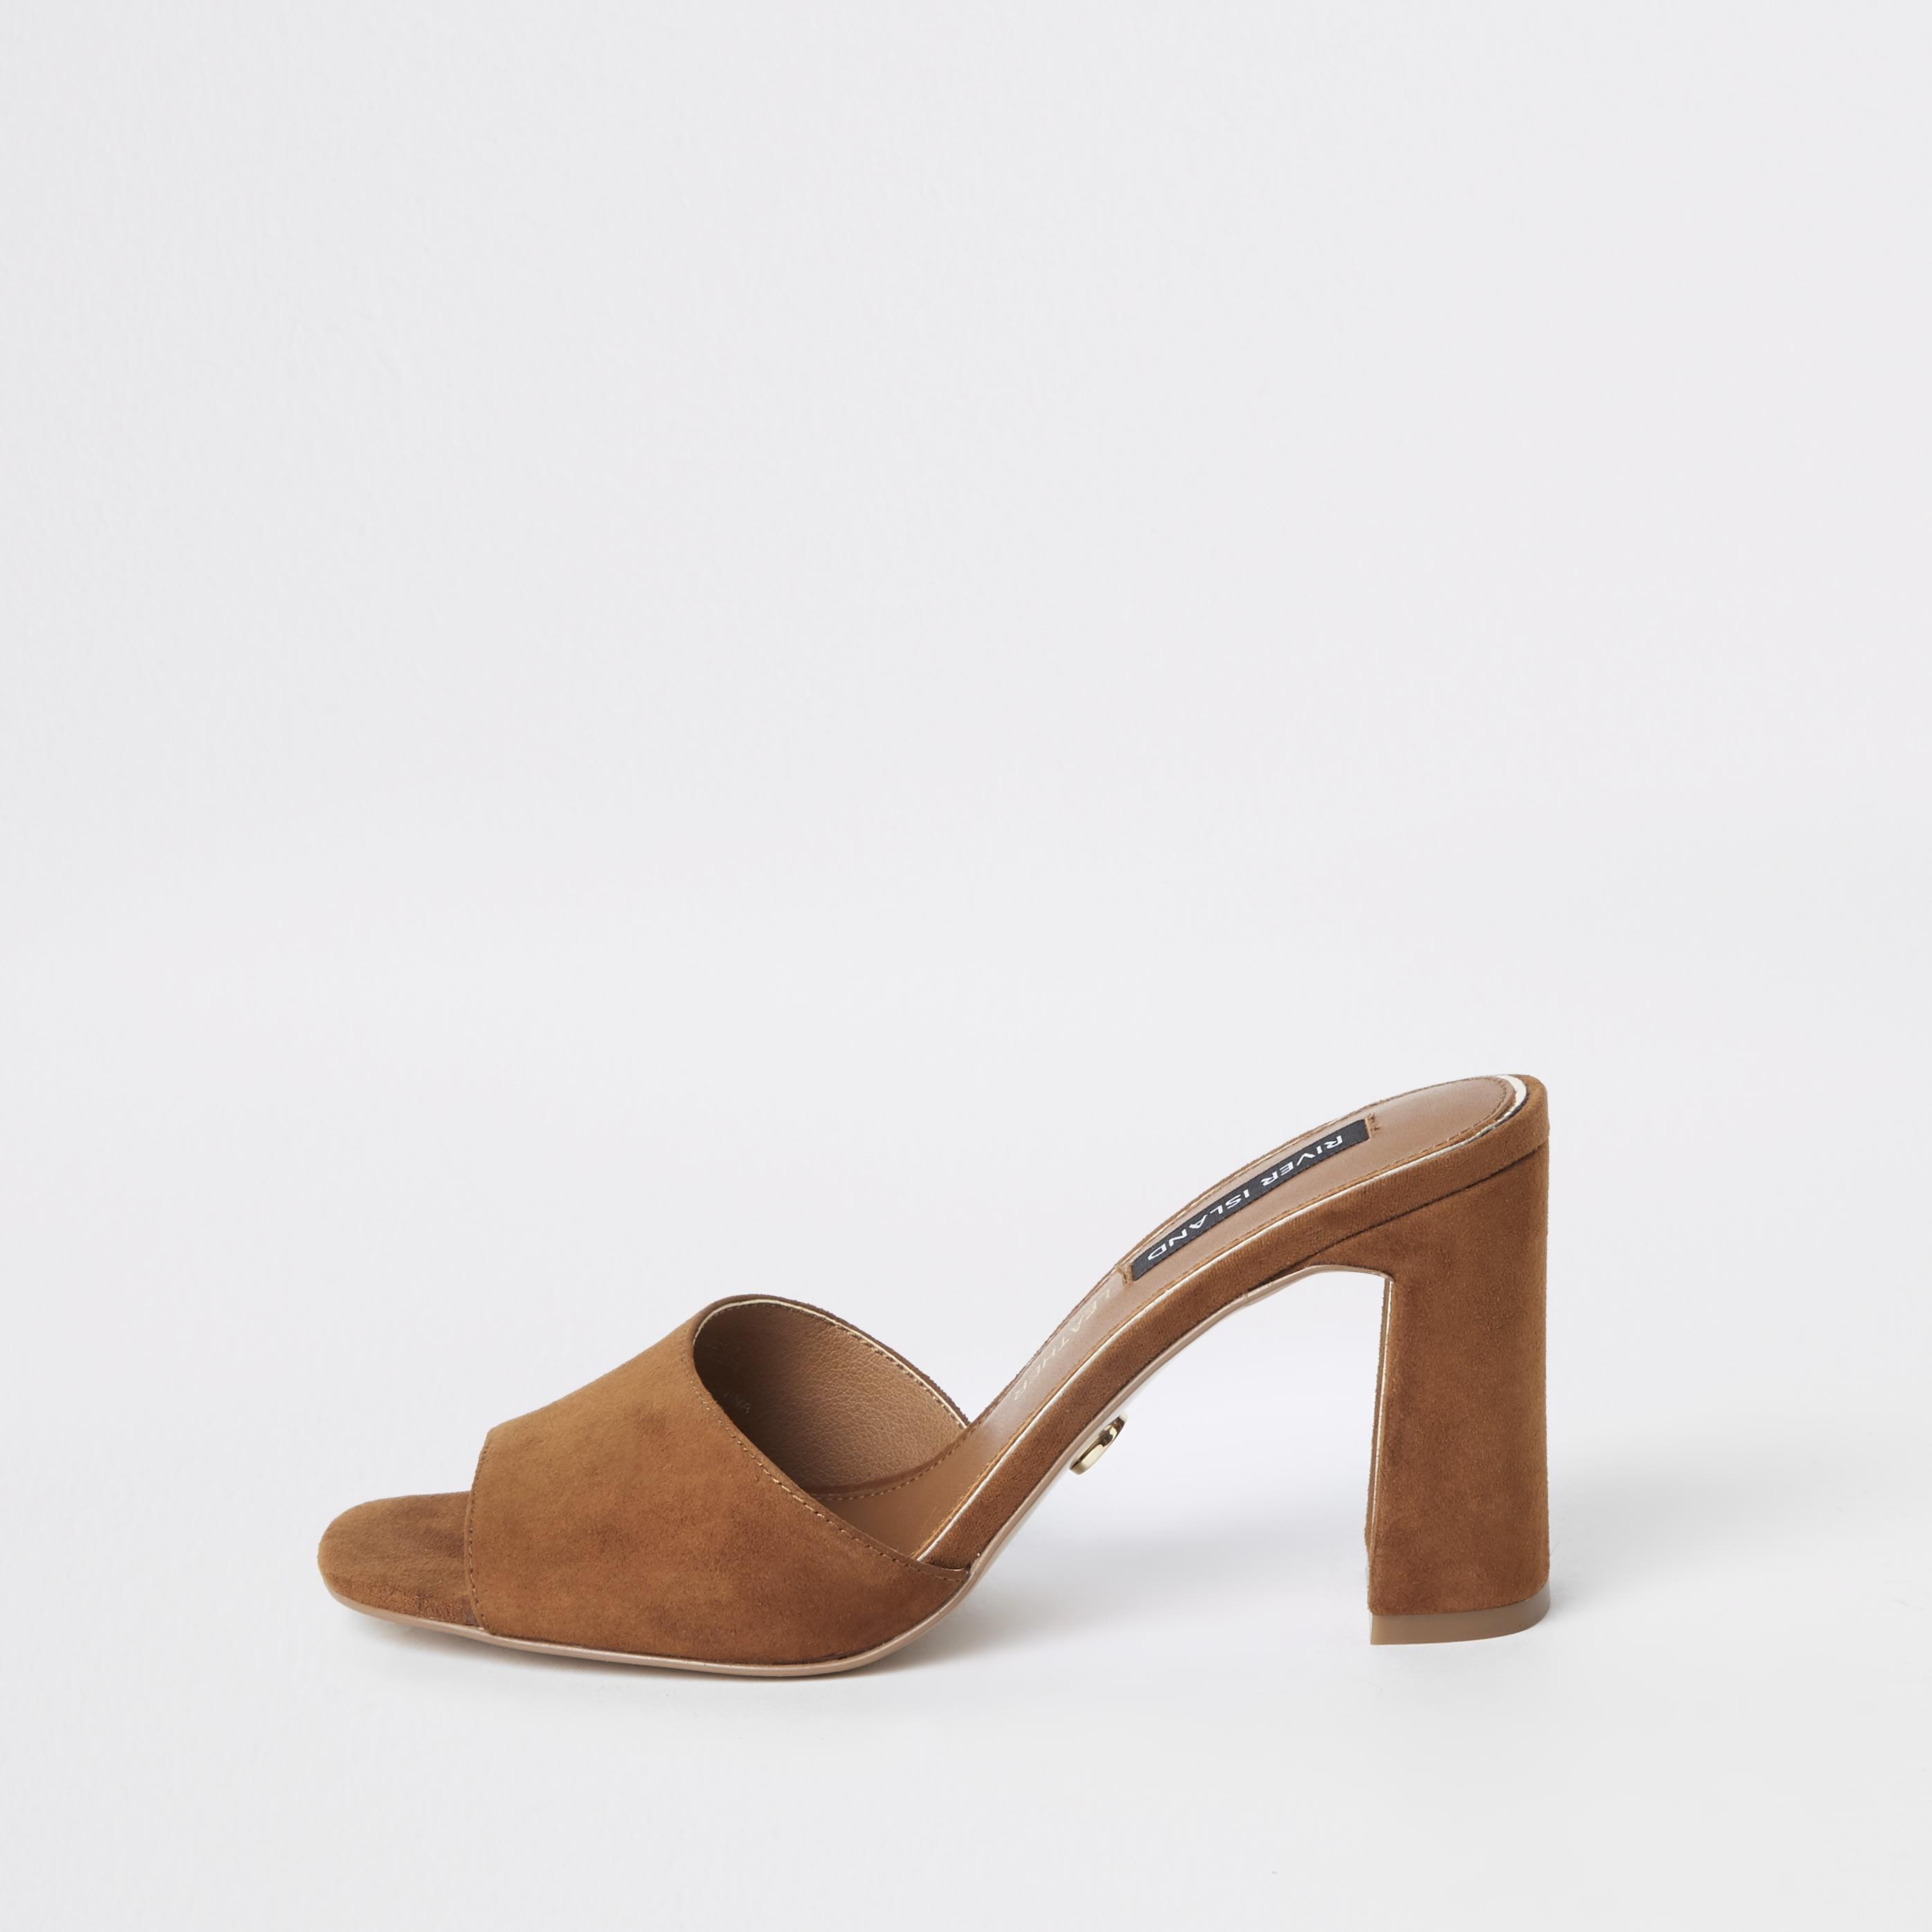 RIVER ISLAND | Womens Brown Suede Heel Mule Sandals | Goxip